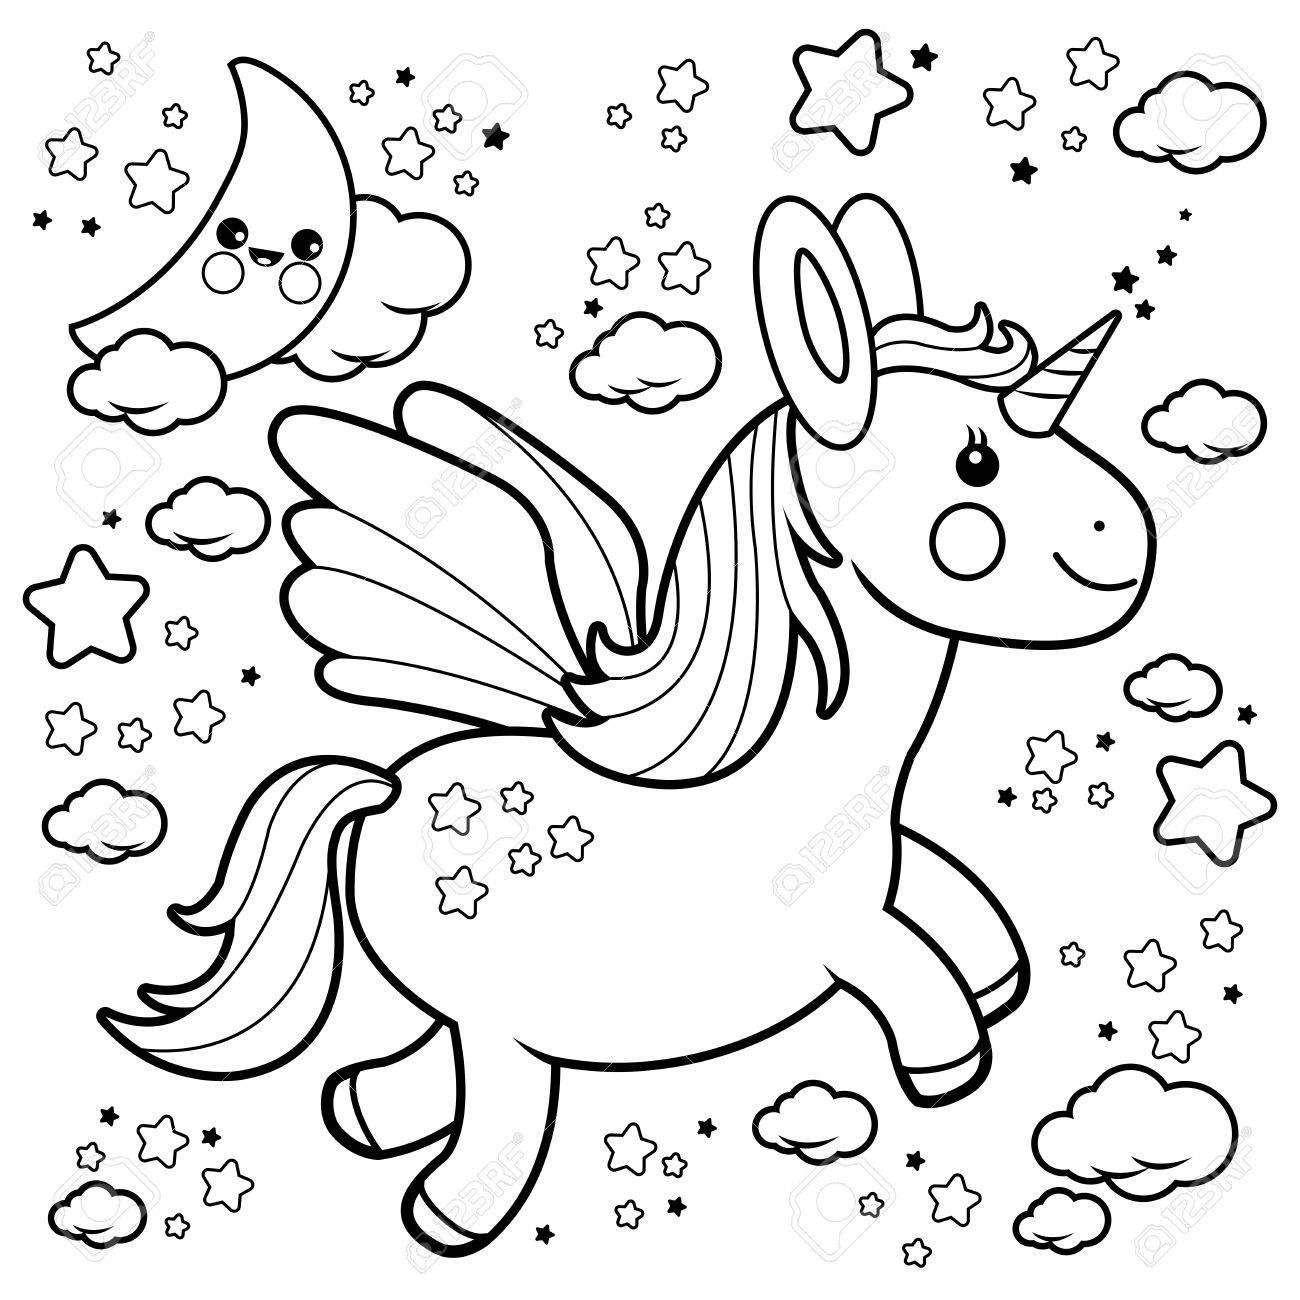 Vuelo Lindo Del Unicornio En El Cielo Nocturno. Página Para Colorear ...